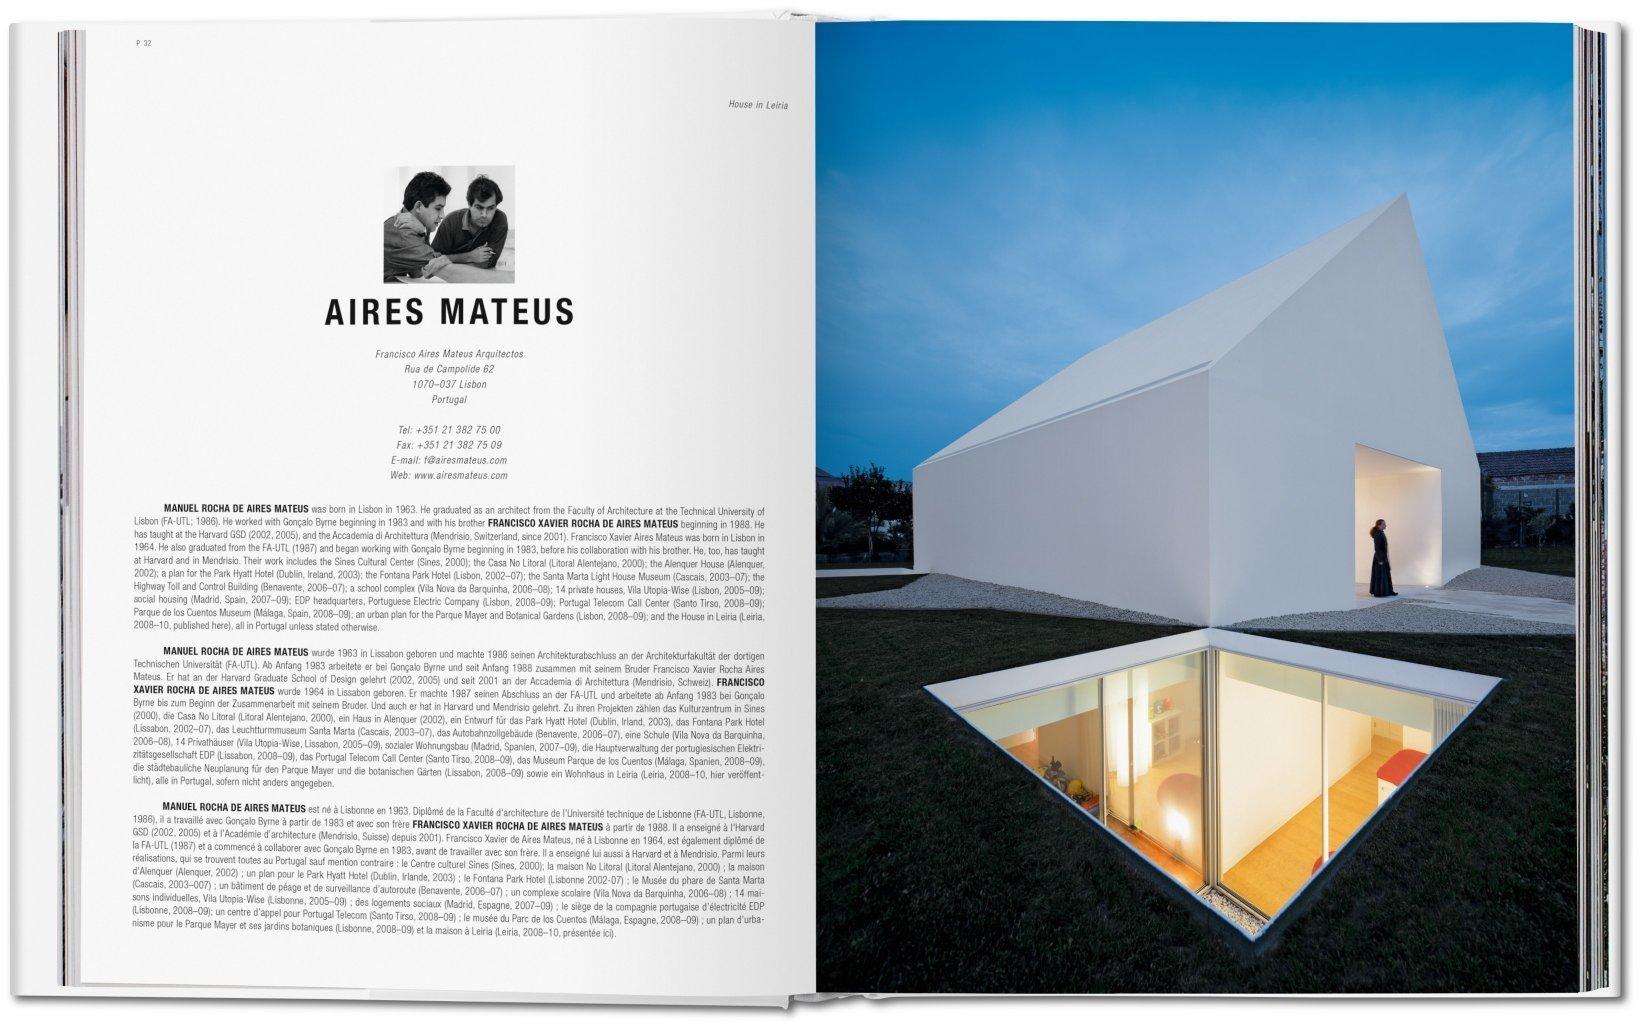 taschen case study houses amazon Saarinen - julius shulman die wiederentdeckte moderne - case study houses - eames - lautner.